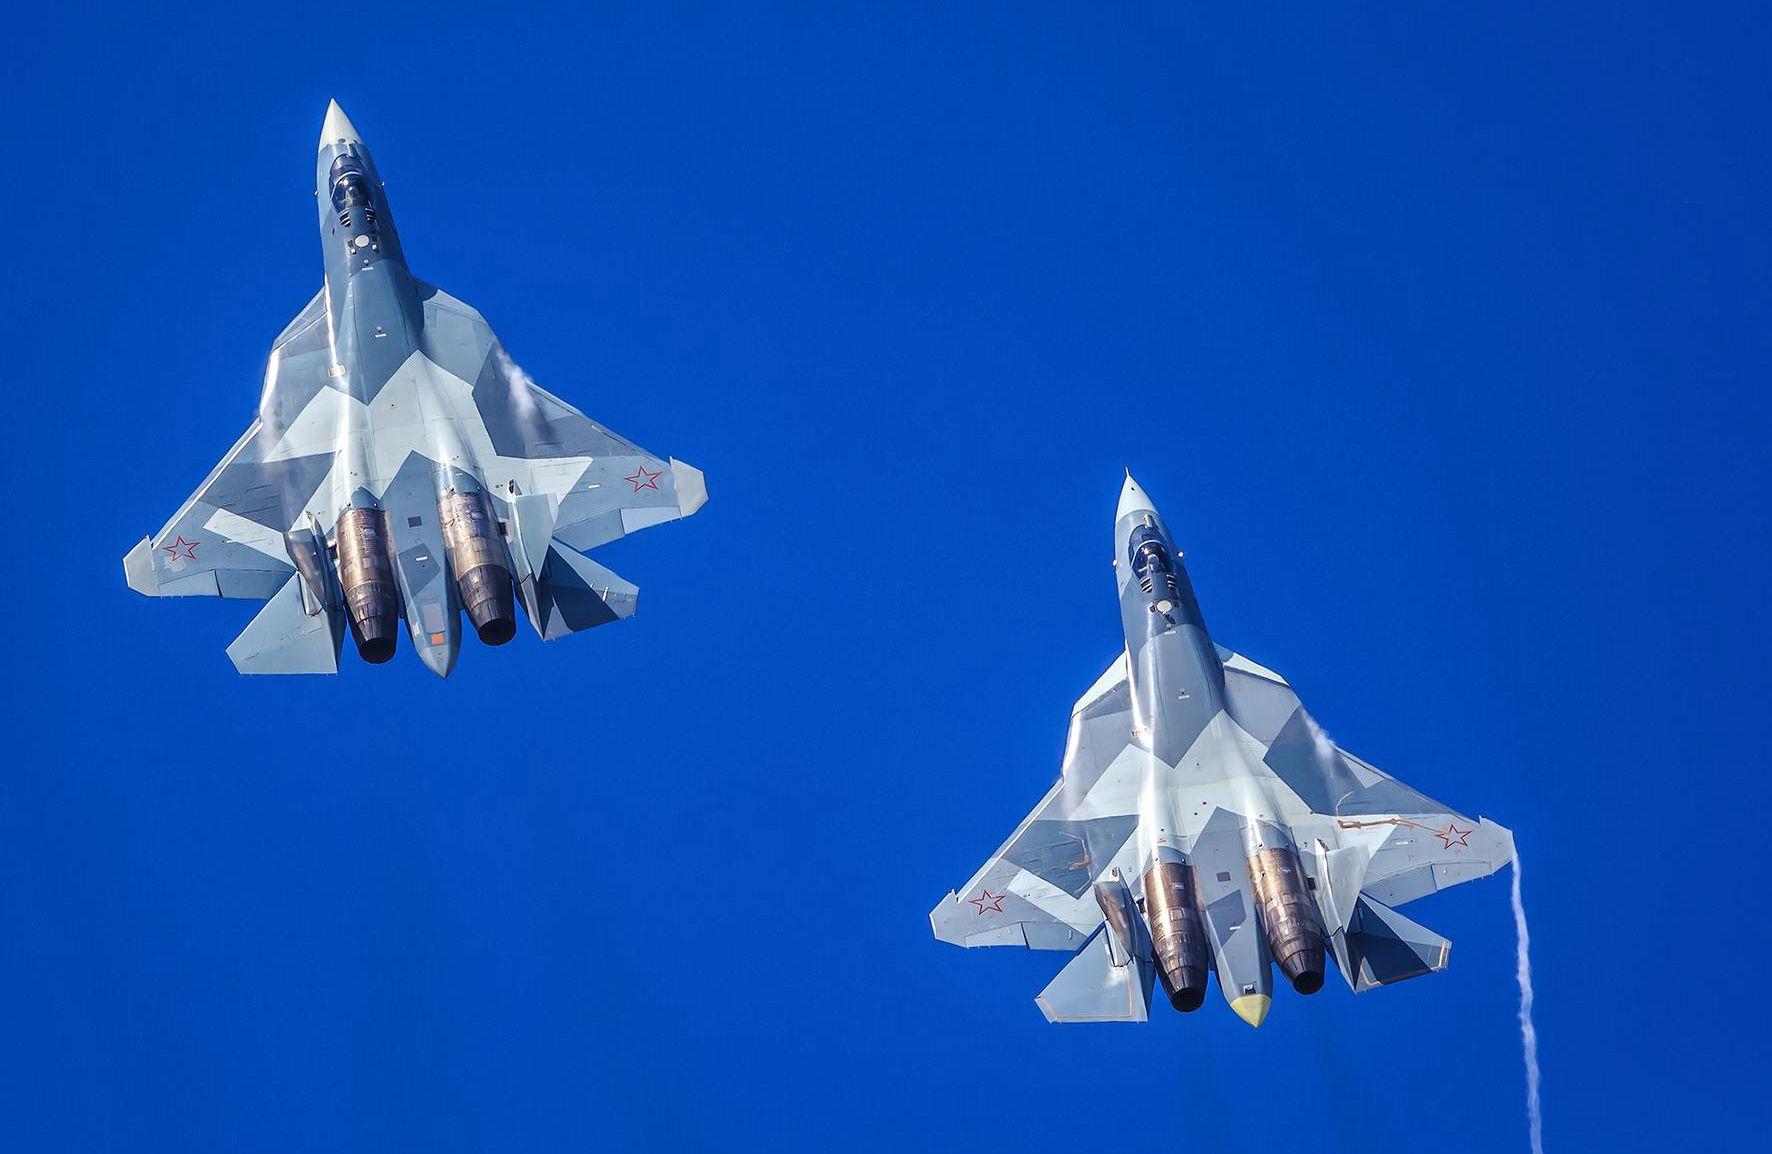 原创 突然有钱了?普京宣布将在2028年前为三个团换装苏57,总计76架